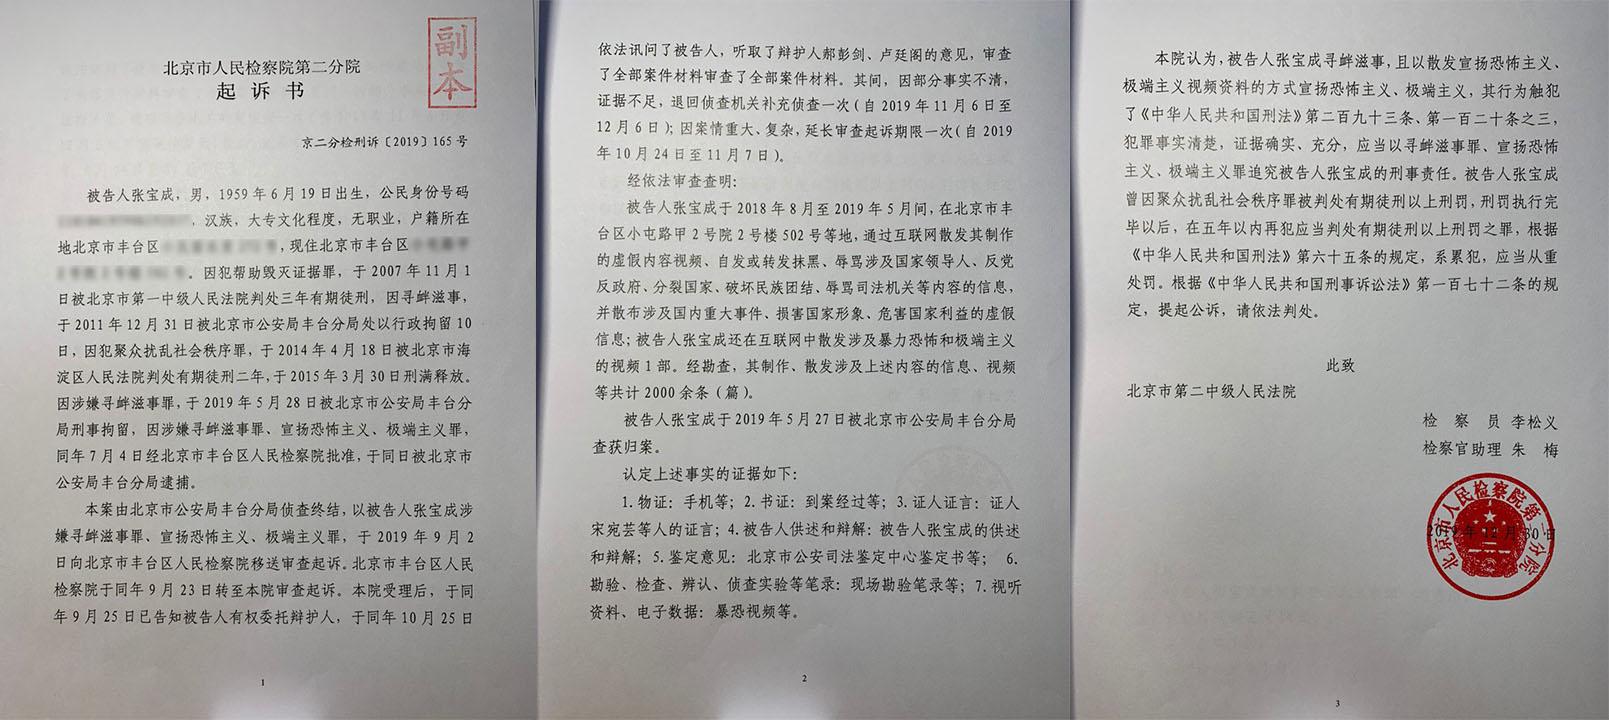 張寶成的妻子劉玨帆公布北京檢方於去年12月30日向北京法院正式提訴張寶成的起訴書。(劉玨帆提供 / 2019年12月30日)